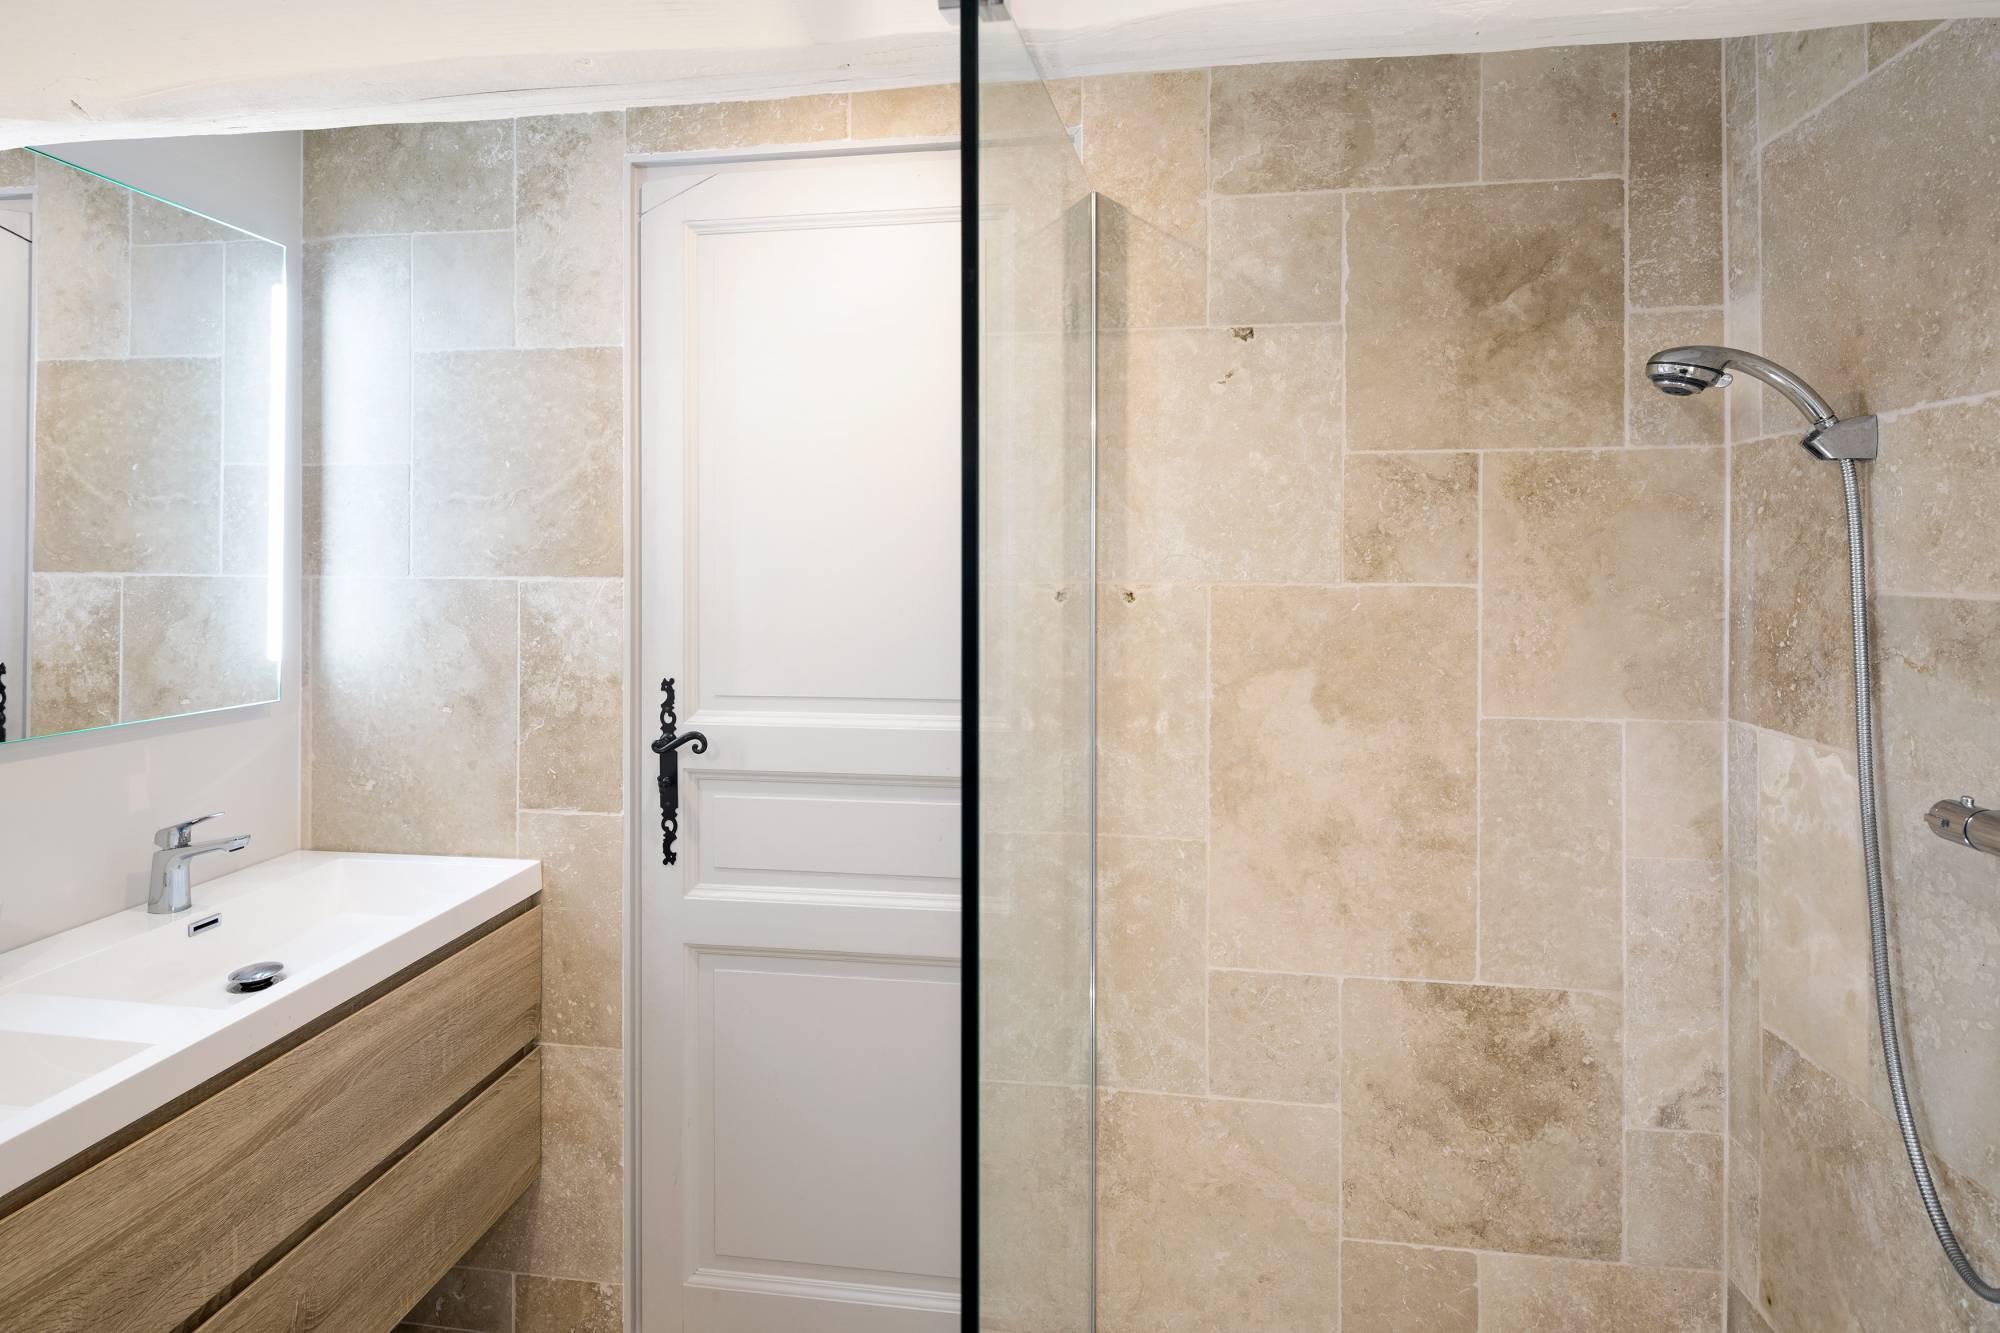 Salle de bains en opus de travertin Aix en Provence - Carrelage ...